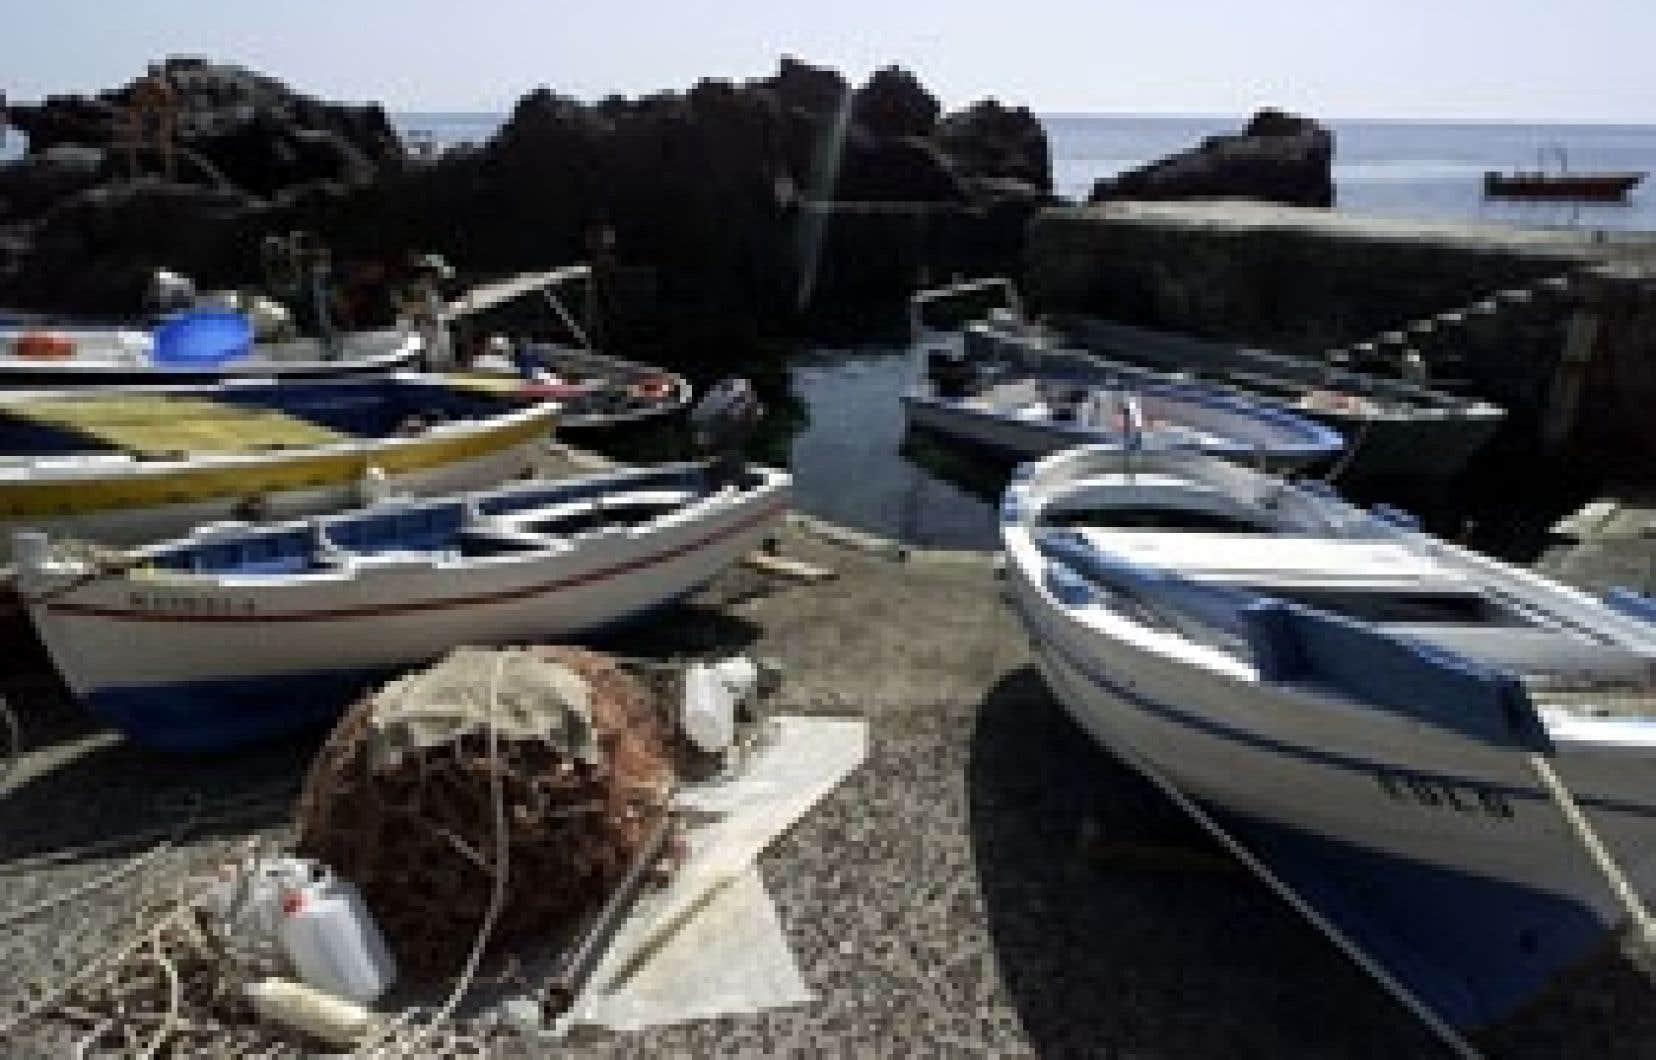 Des bateaux de pêcheurs à Ginostra, le plus petit port au monde situé au nord de la Sicile.